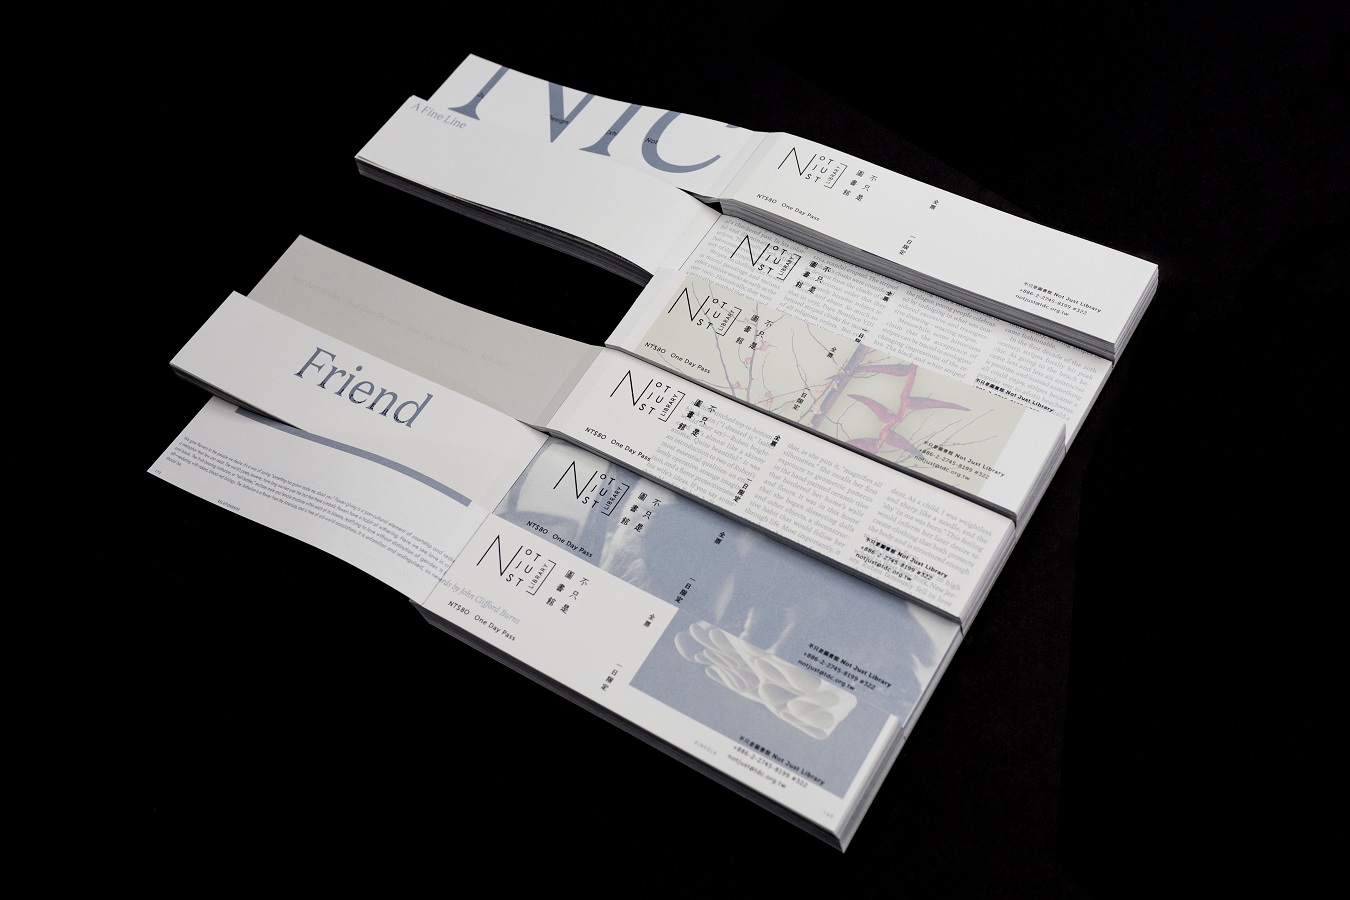 過期雜誌再運用,不只設計、建立驚喜、挑起互動—NOT JUST LIBRARY 2018限定設計票券公開!